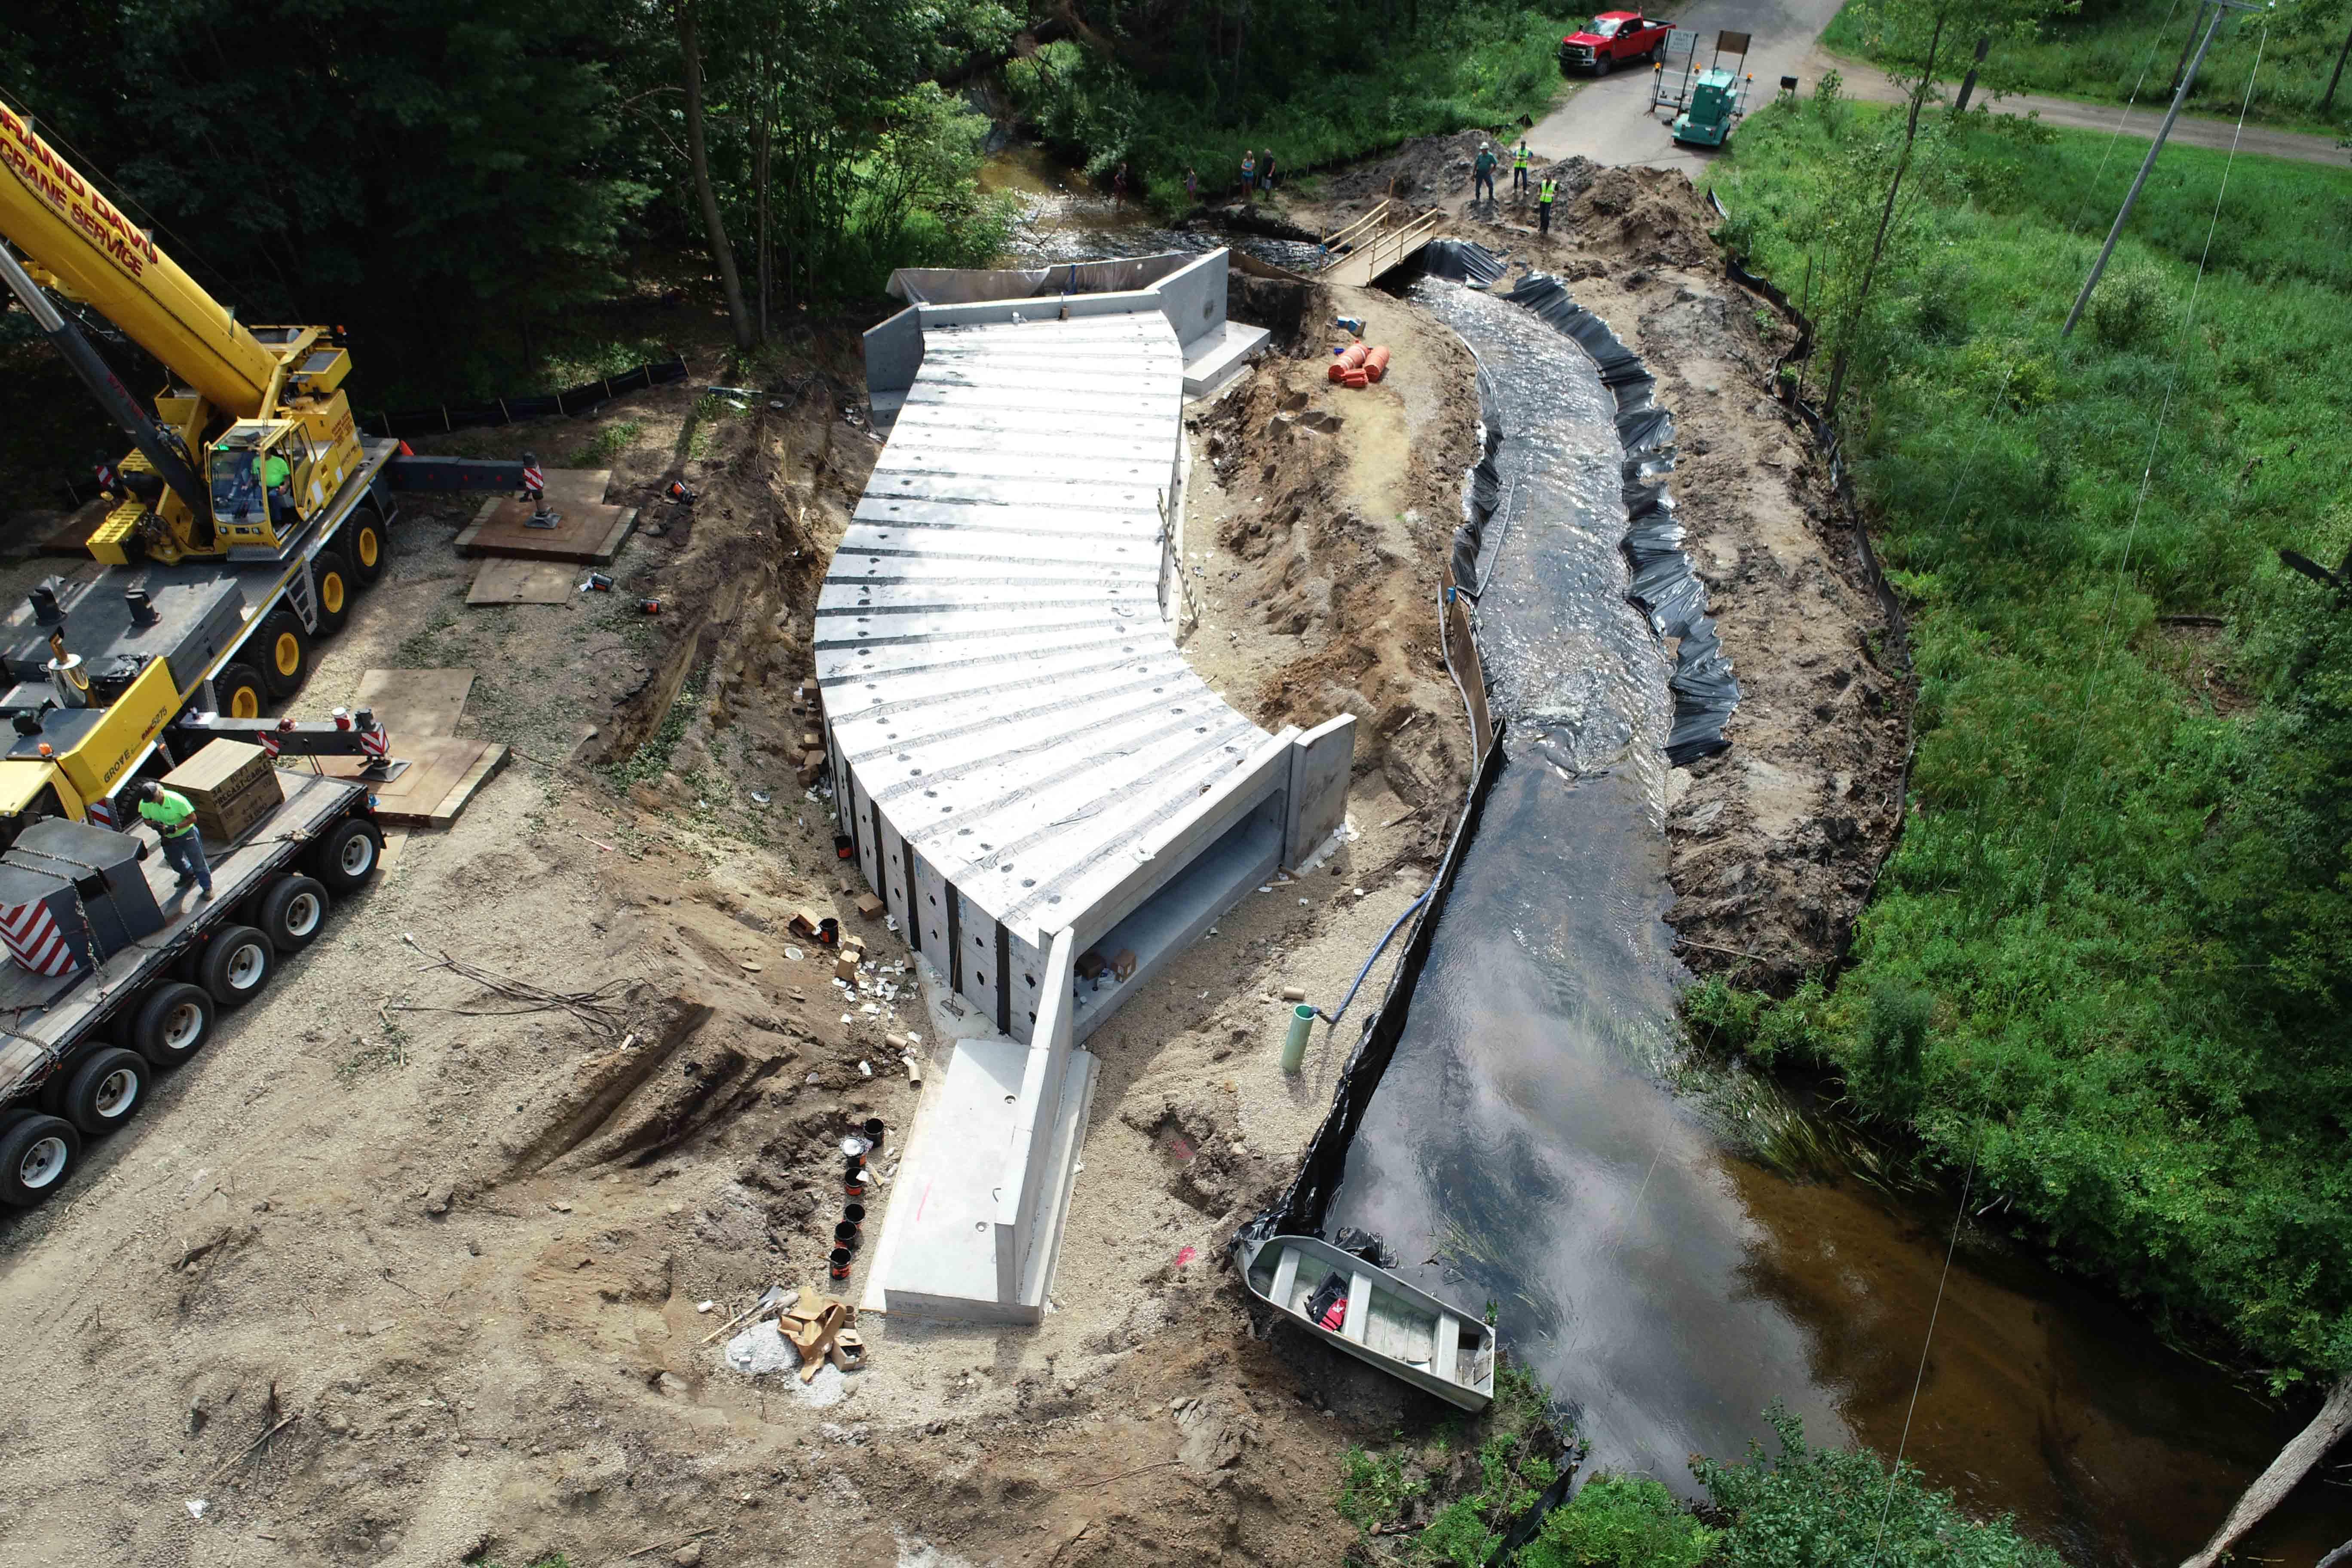 Halbert Road Culvert Construction Site